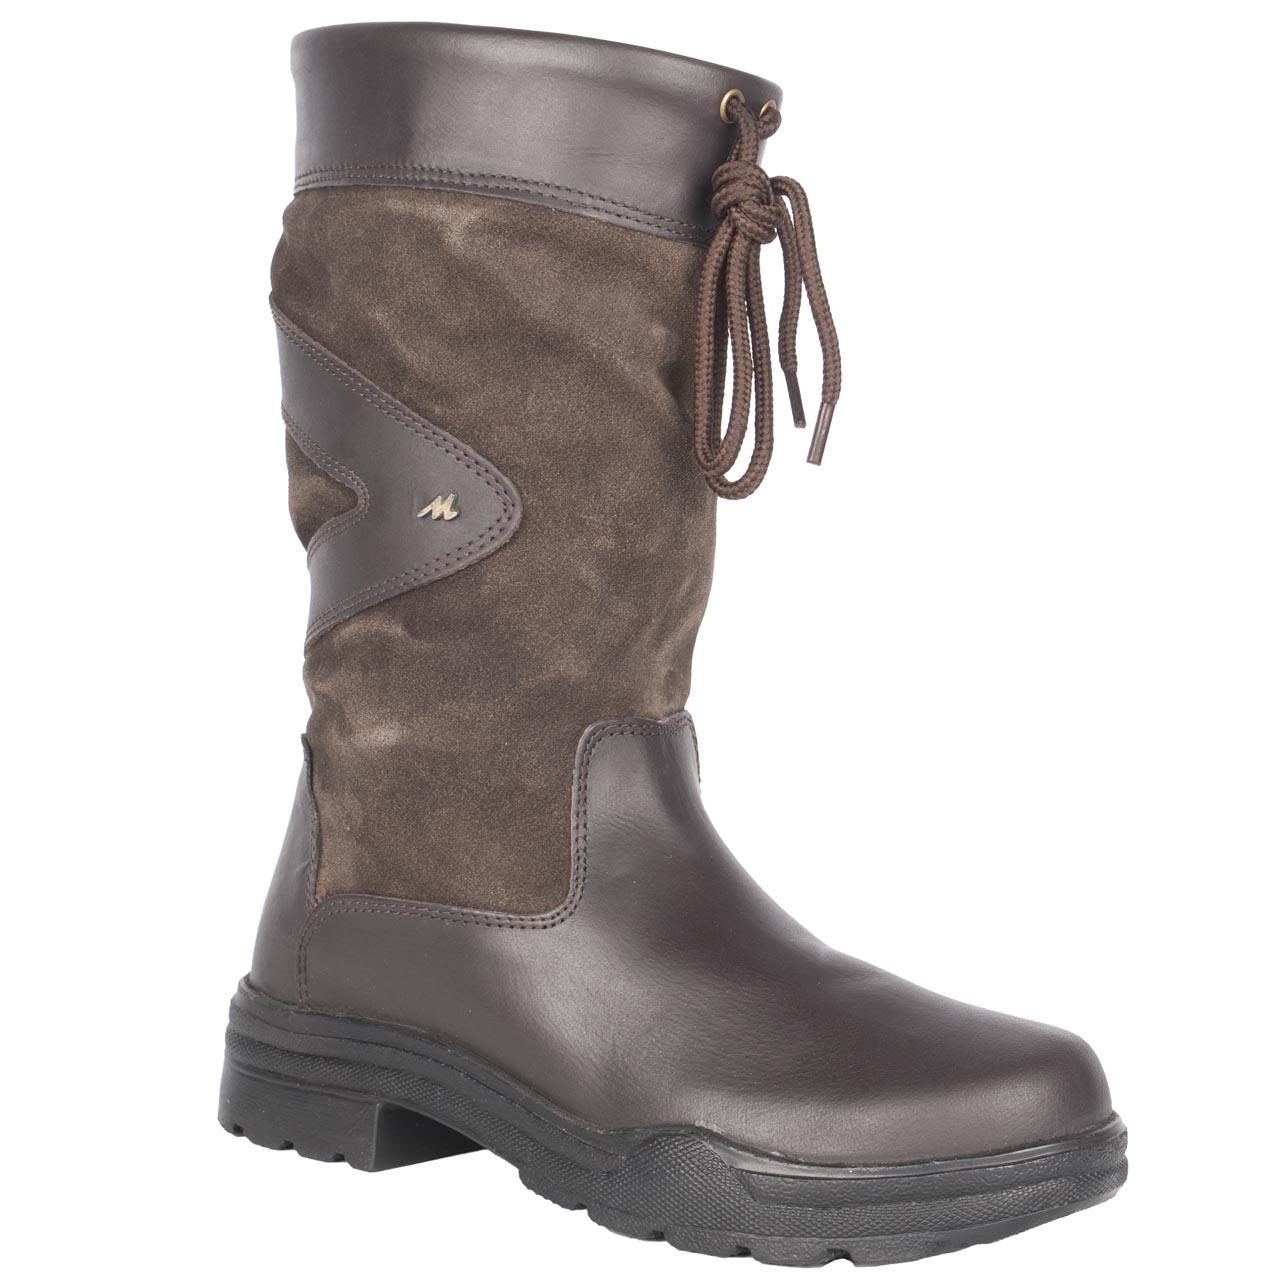 Mondoni Outdoor II laarzen bruin maat:38